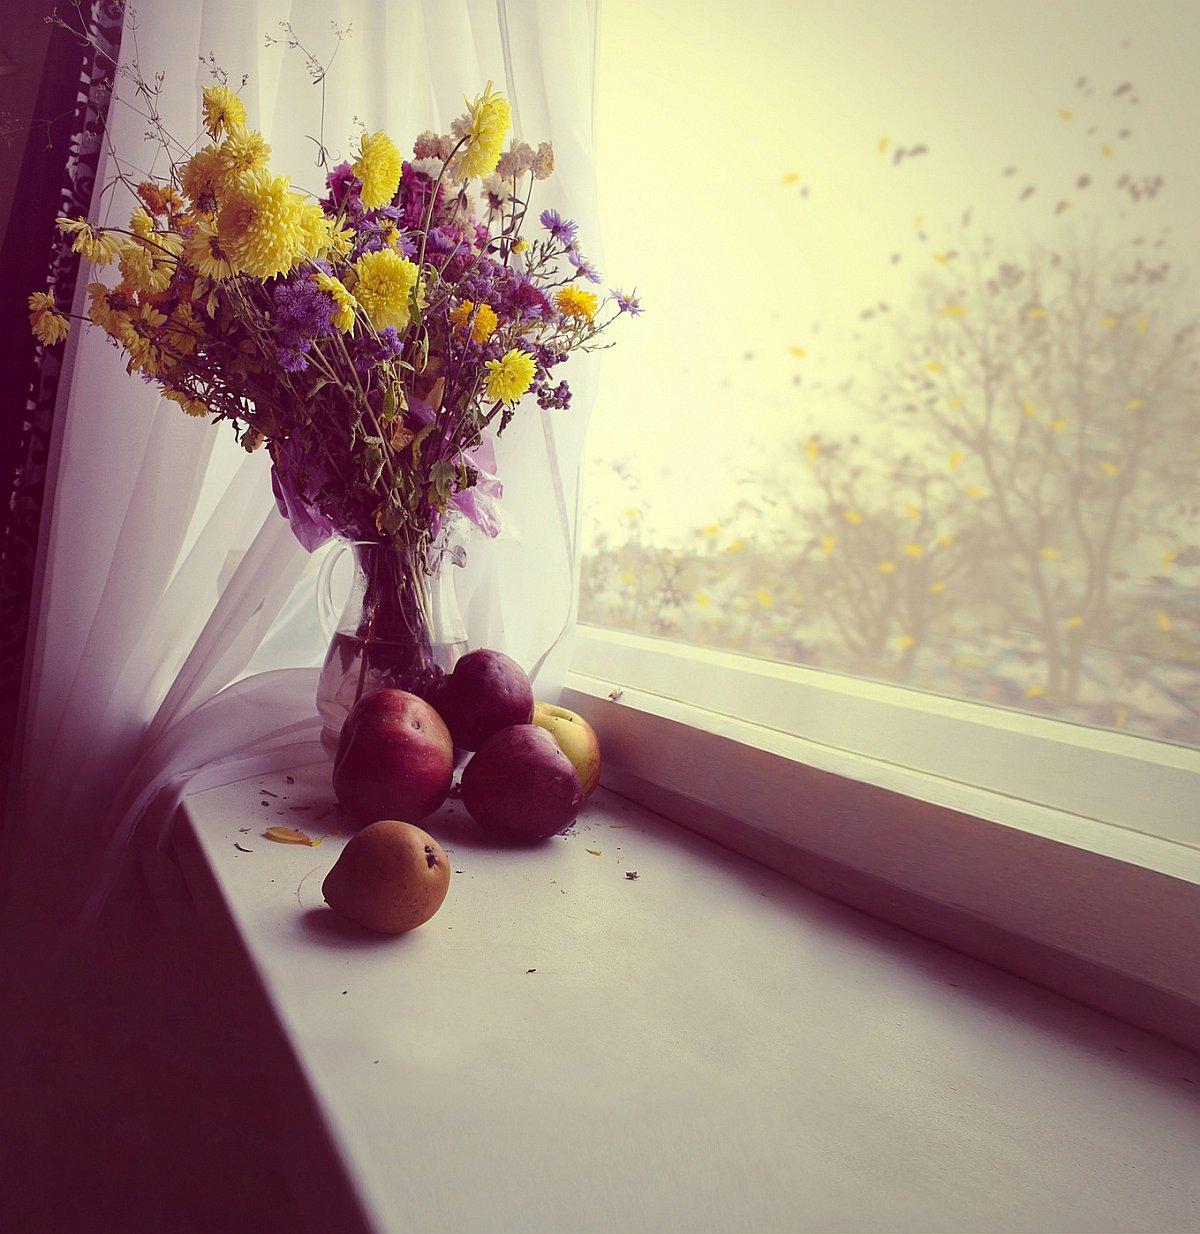 Parapety z konglomeratu z bukietem kwiatów